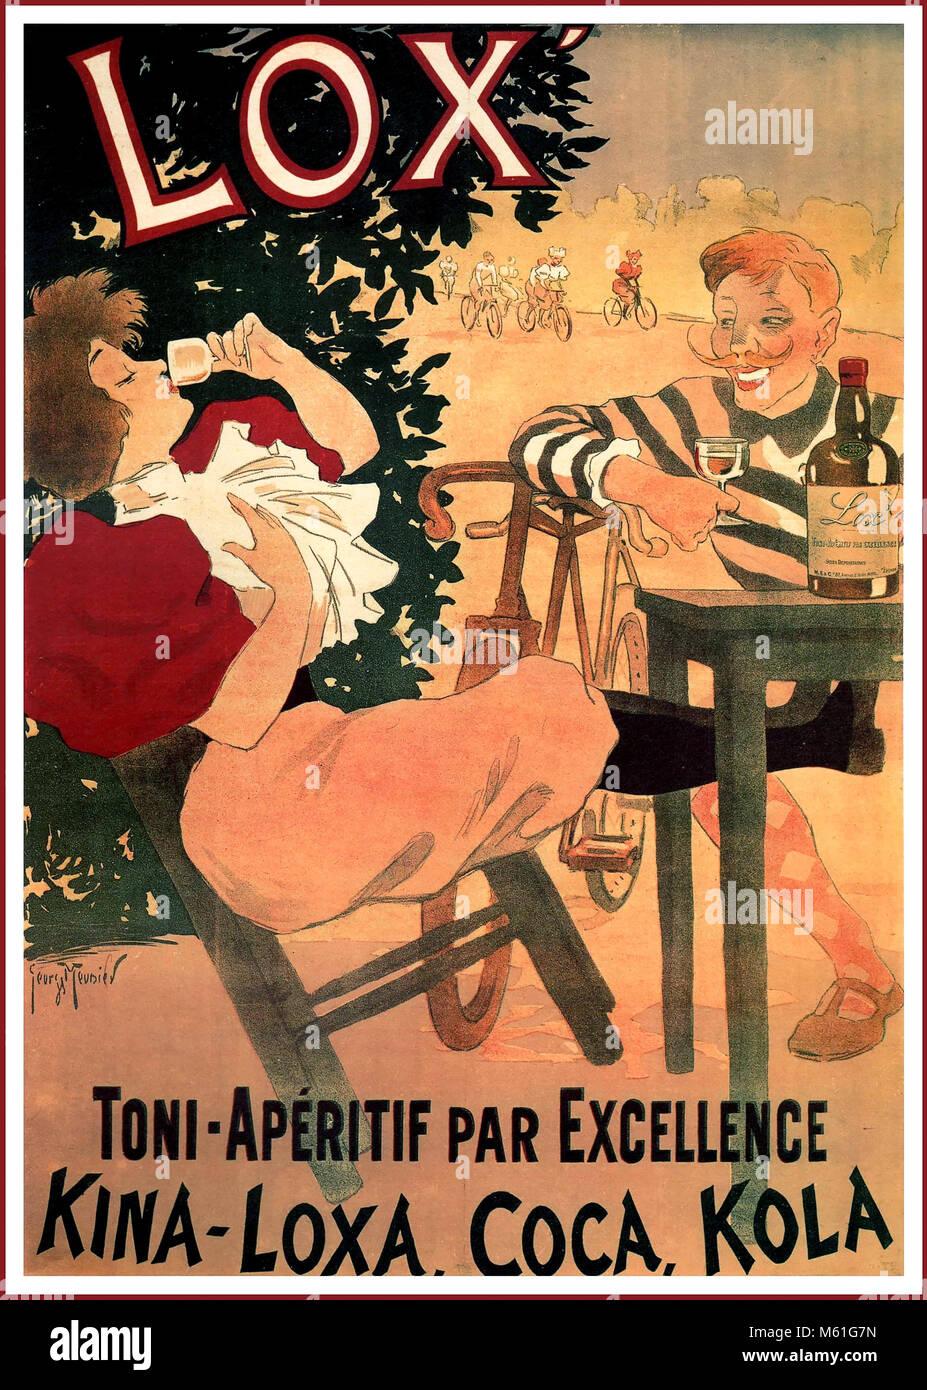 TONI-KOLA publicité rétro vintage métal Poster Tin Sign Mur Plaque